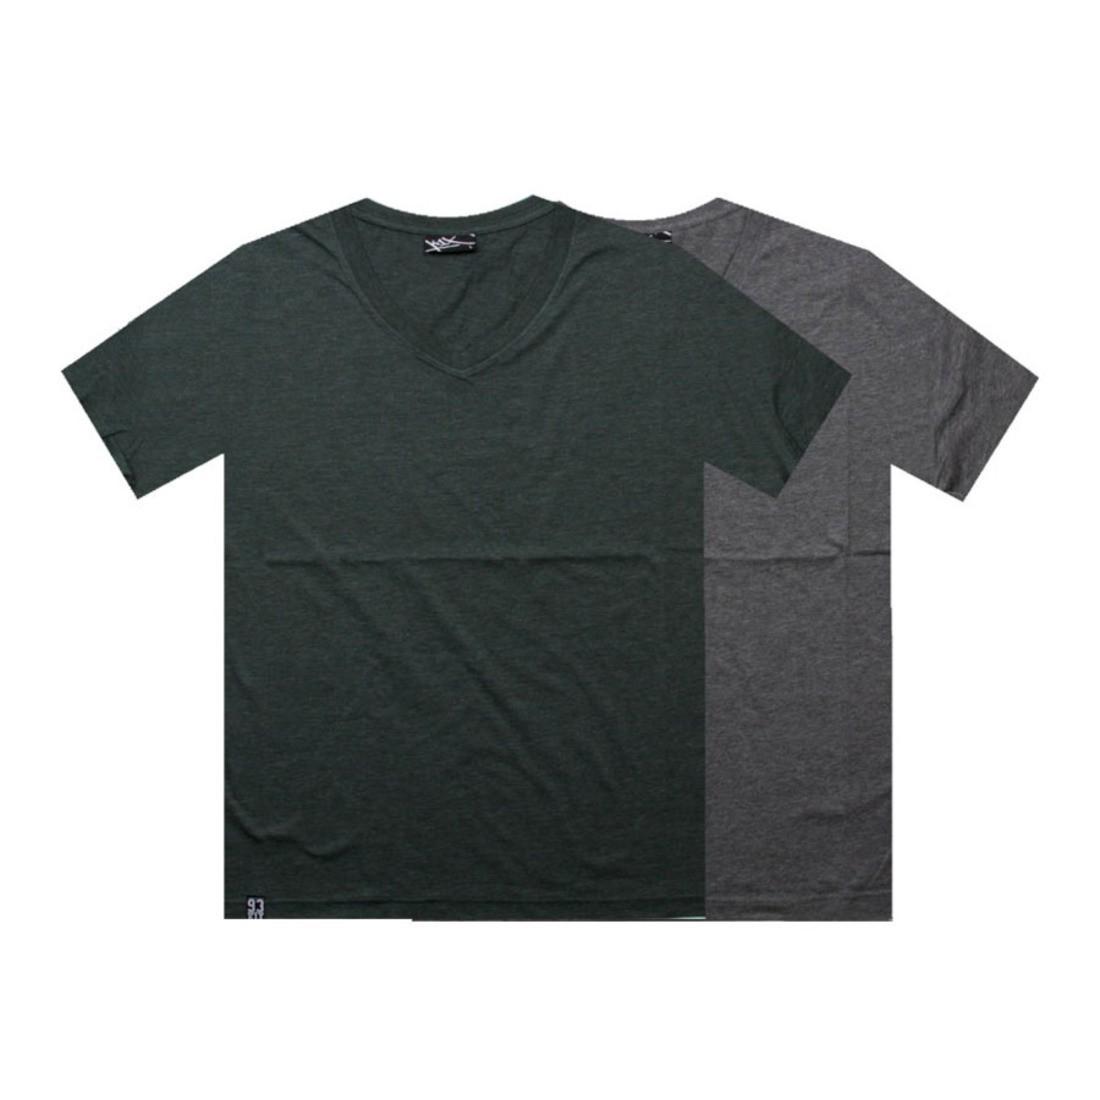 【海外限定】インパクト ブイネック Tシャツ GRAY灰色 グレイ ヘザー カットソー メンズファッション 【 GREY HEATHER K1X DOUBLE IMPACT VNECK TEES DARK FOREST 】